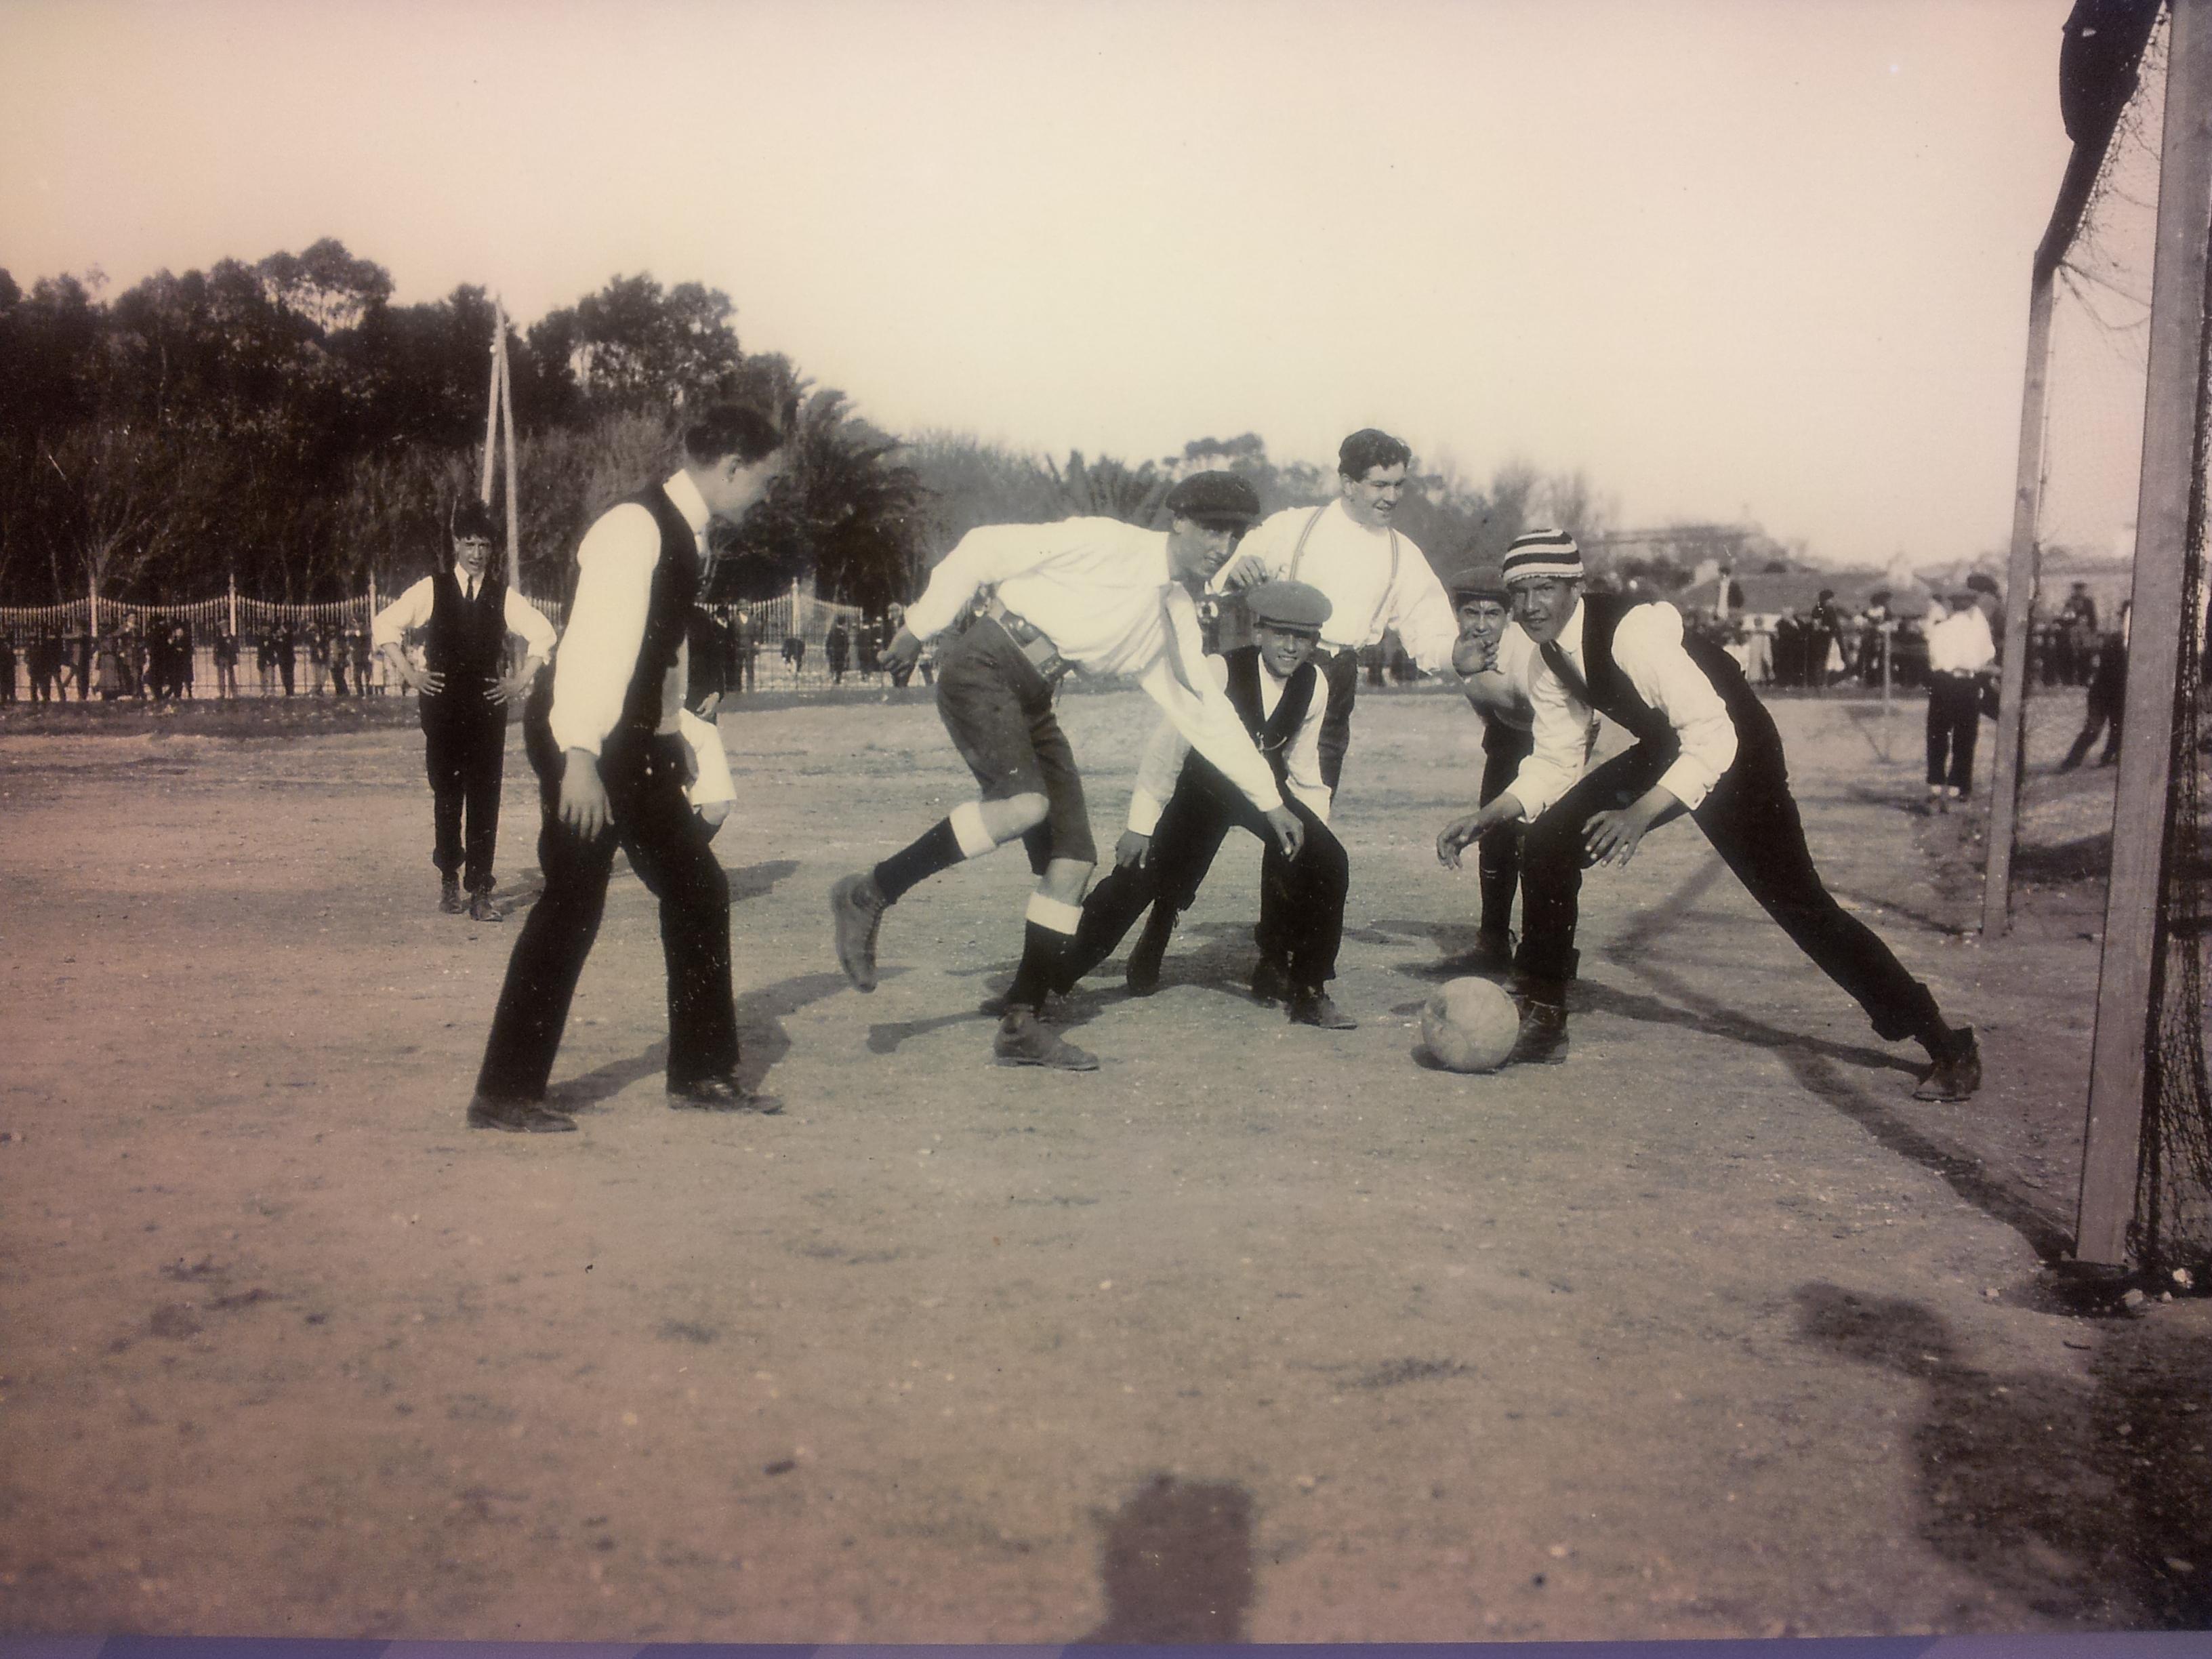 Escena de foot-ball en el Campo de las Balas